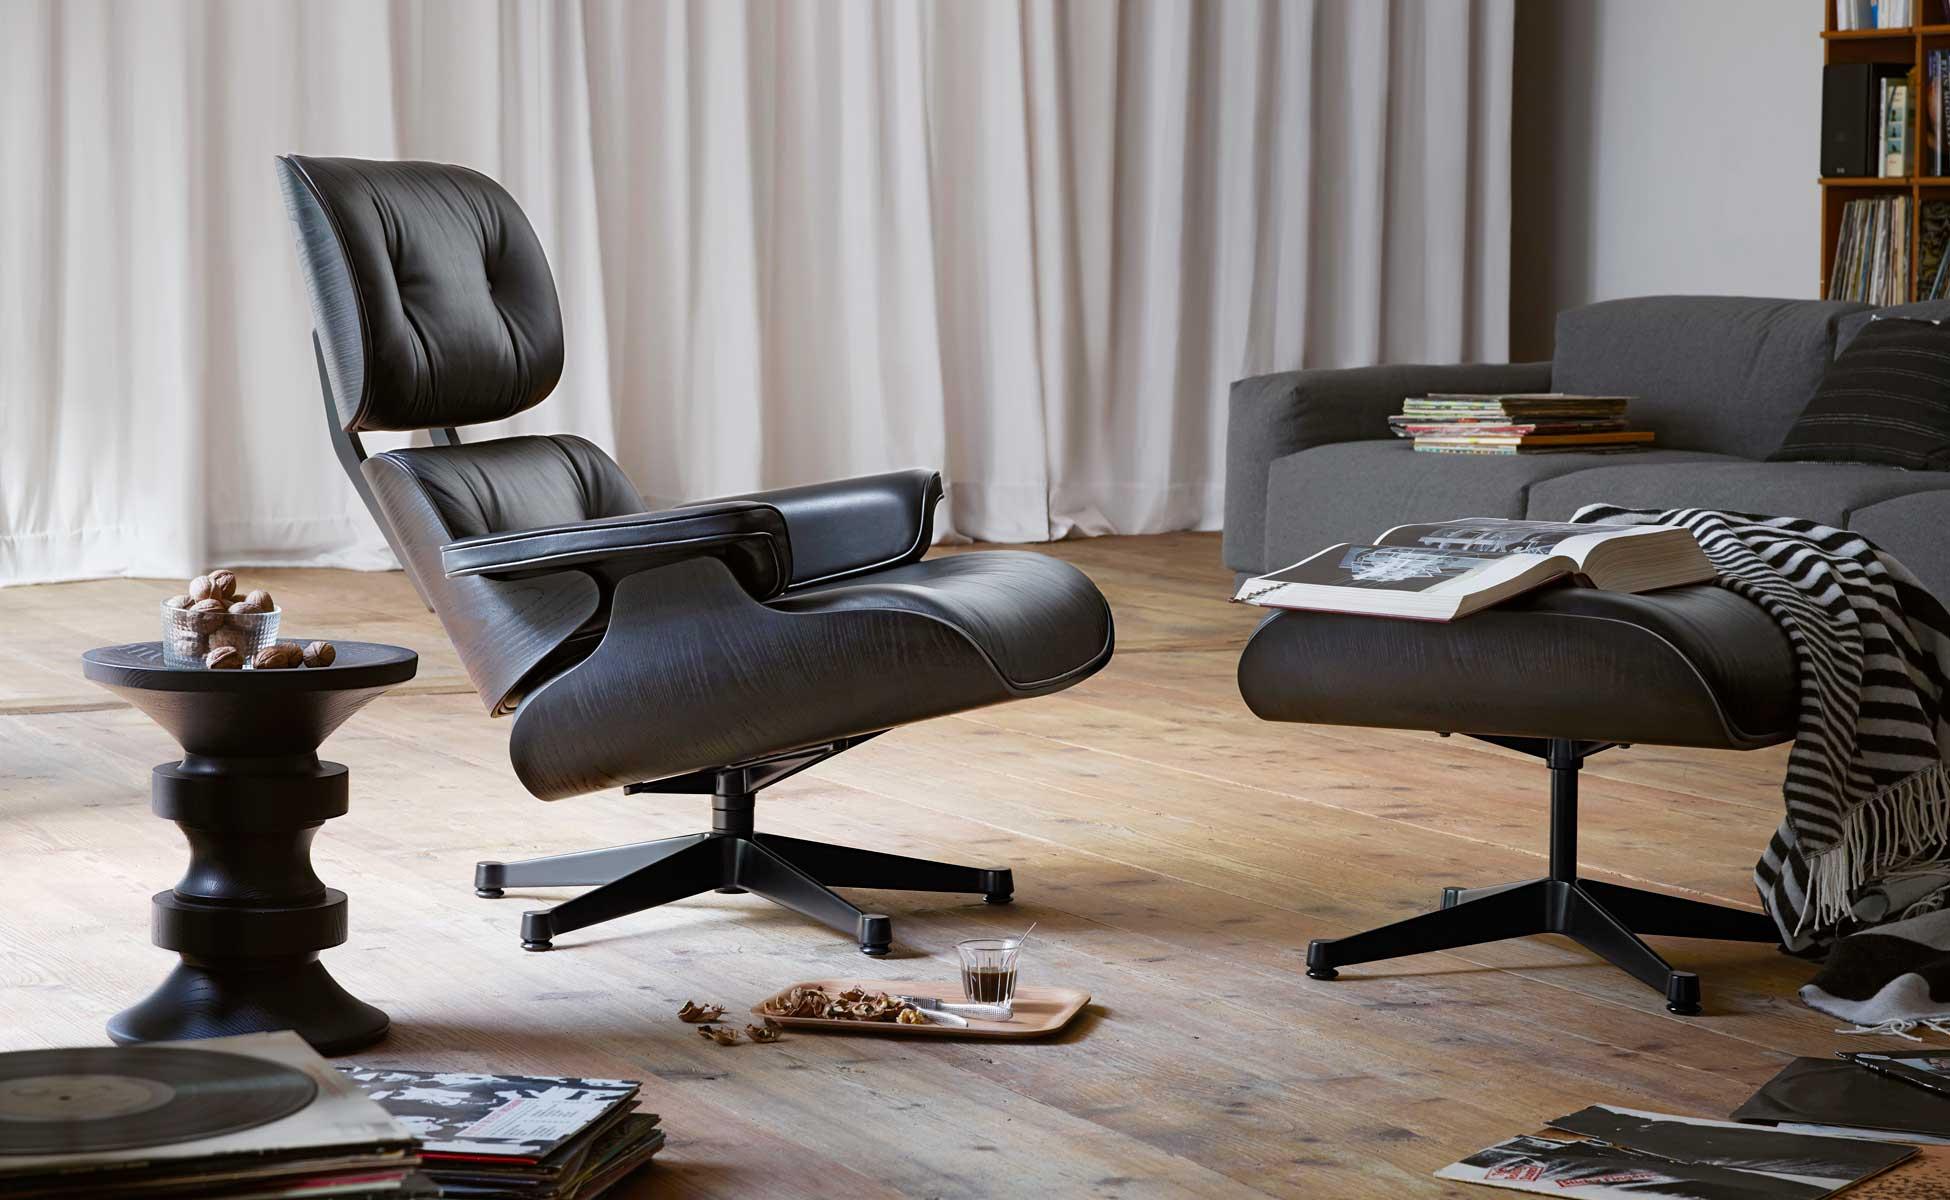 03 vitra eames lounge chair in berlin by steidten+